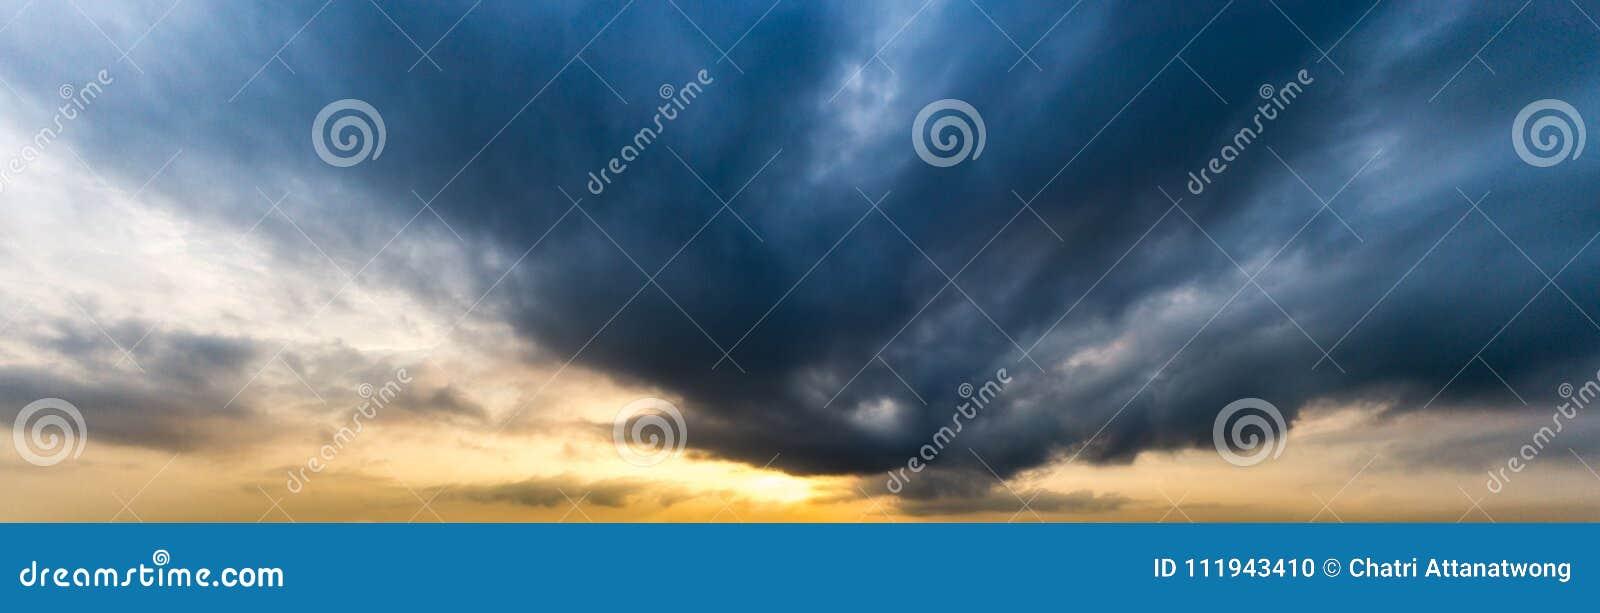 Εικόνα πανοράματος του σύννεφου strom στον ουρανό στο πρωί